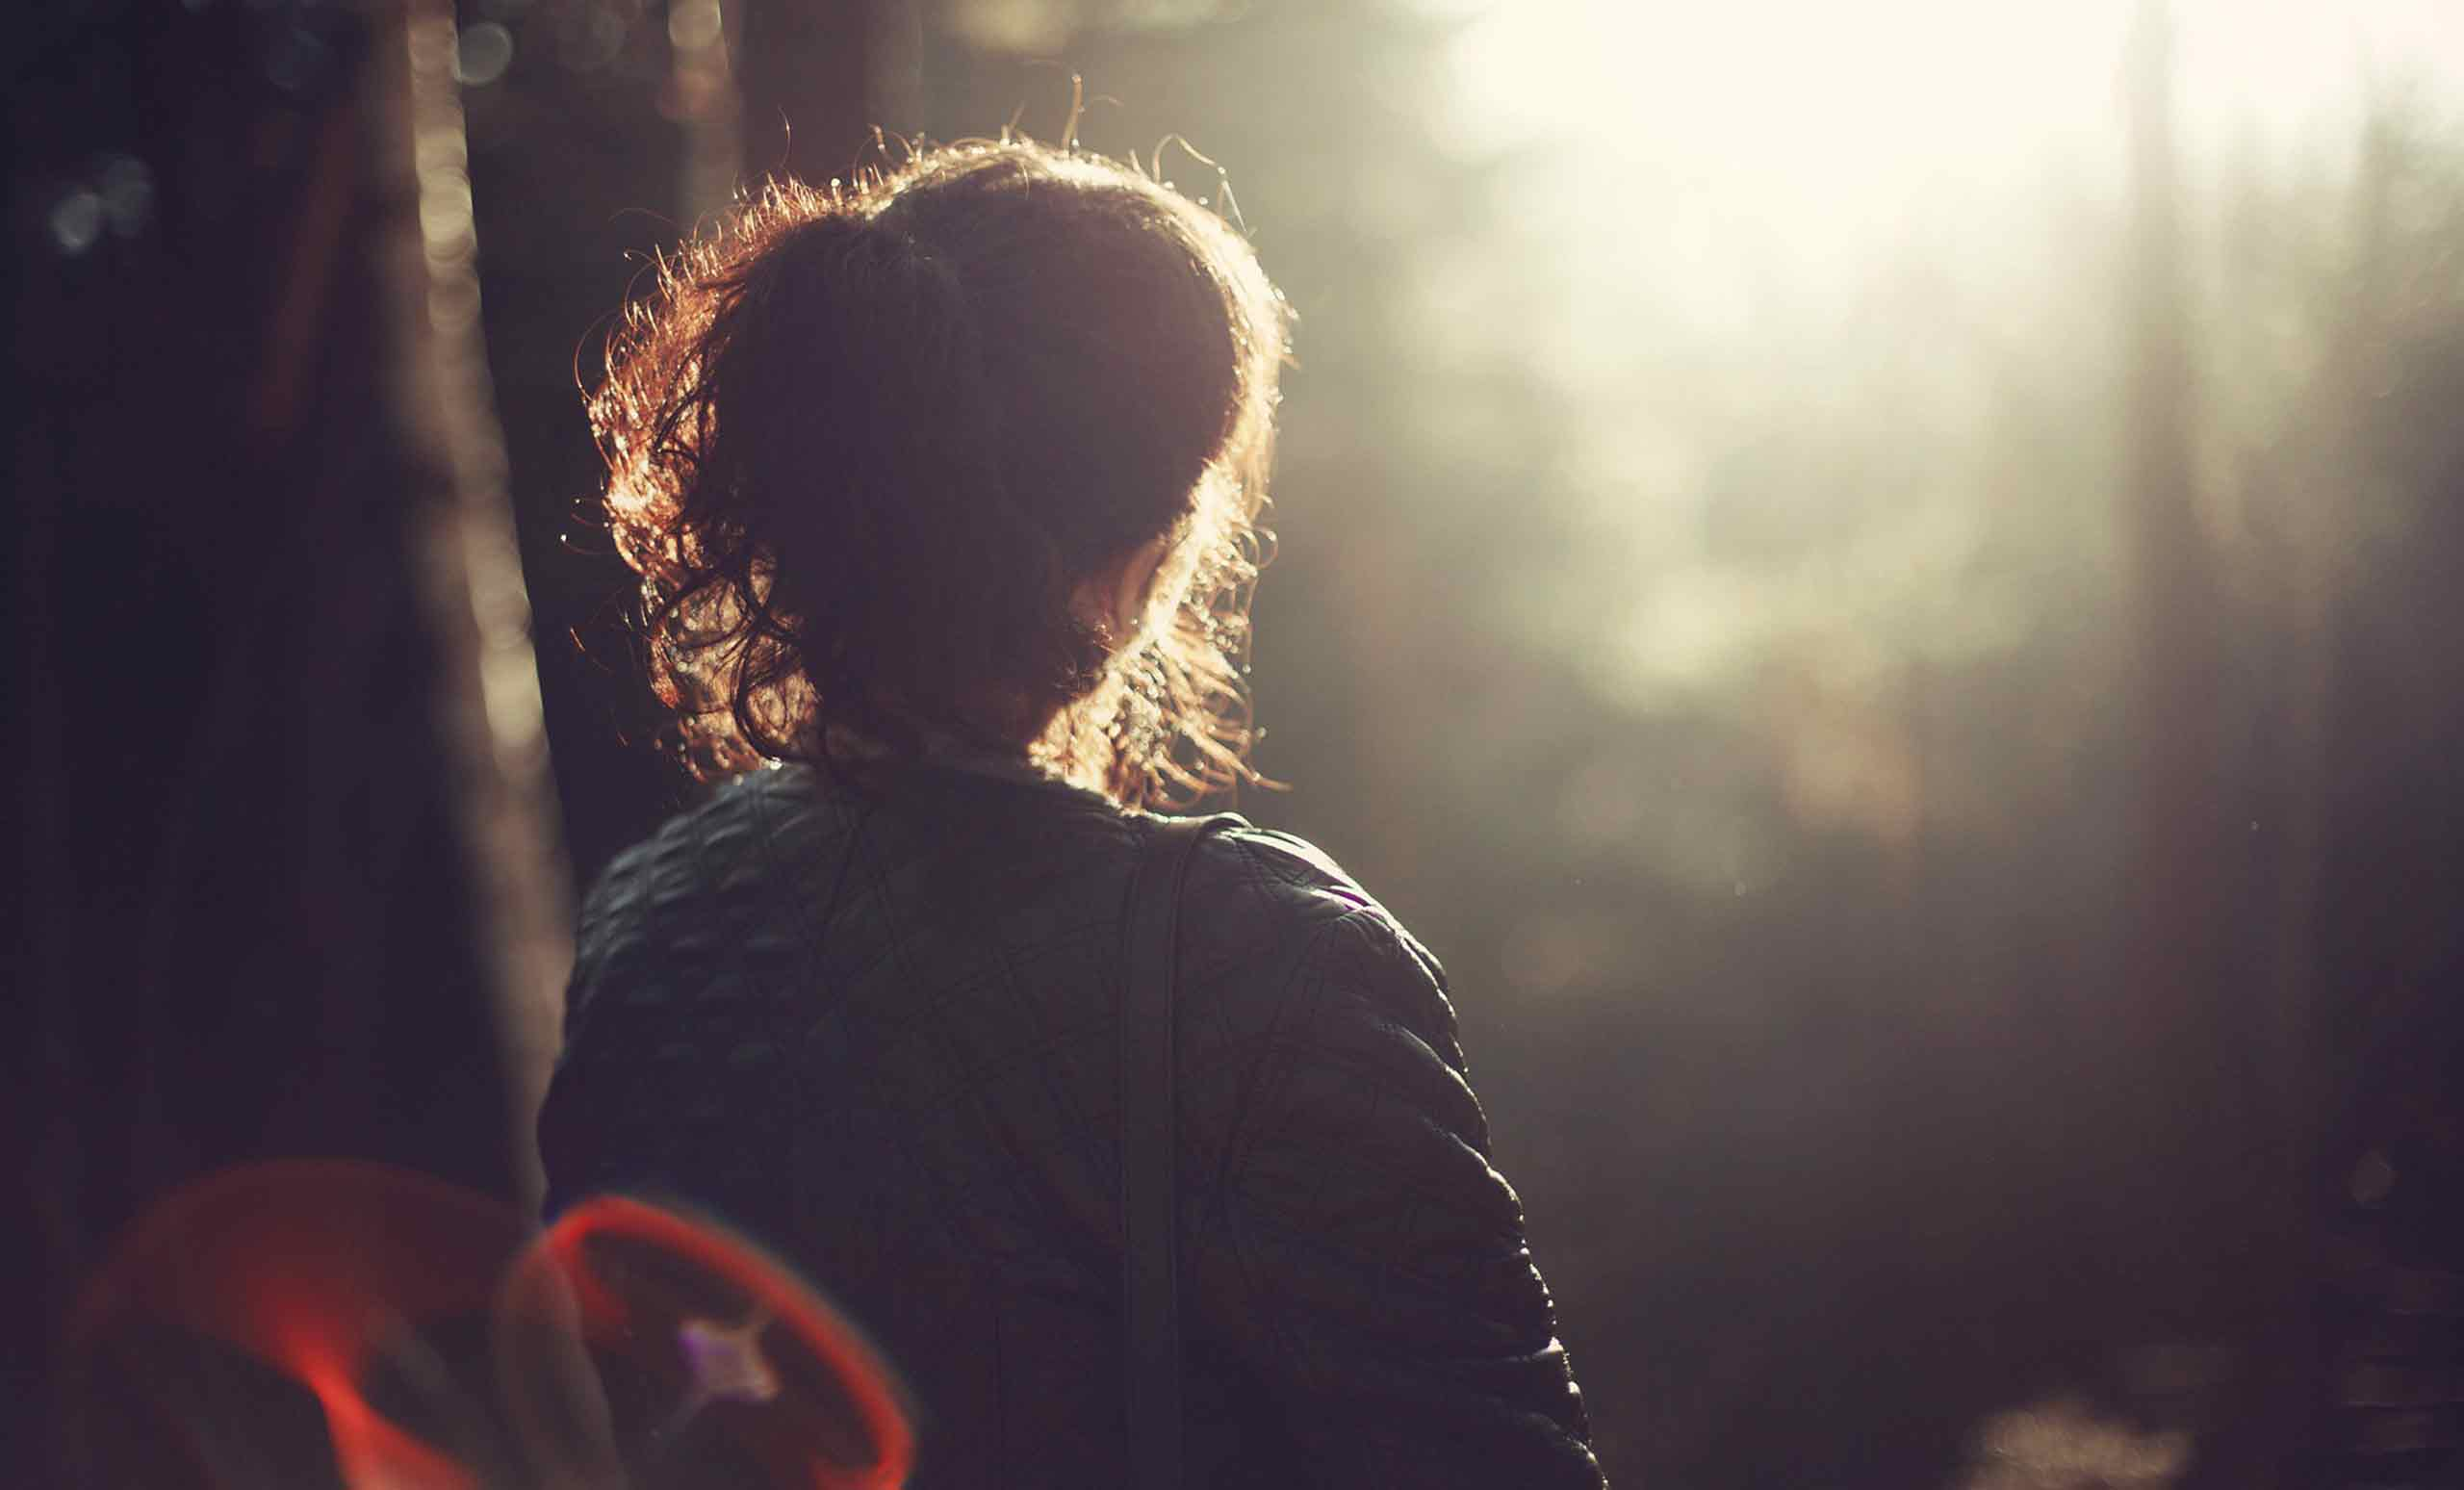 Tyst halvdagsretreat med självmedkänsla